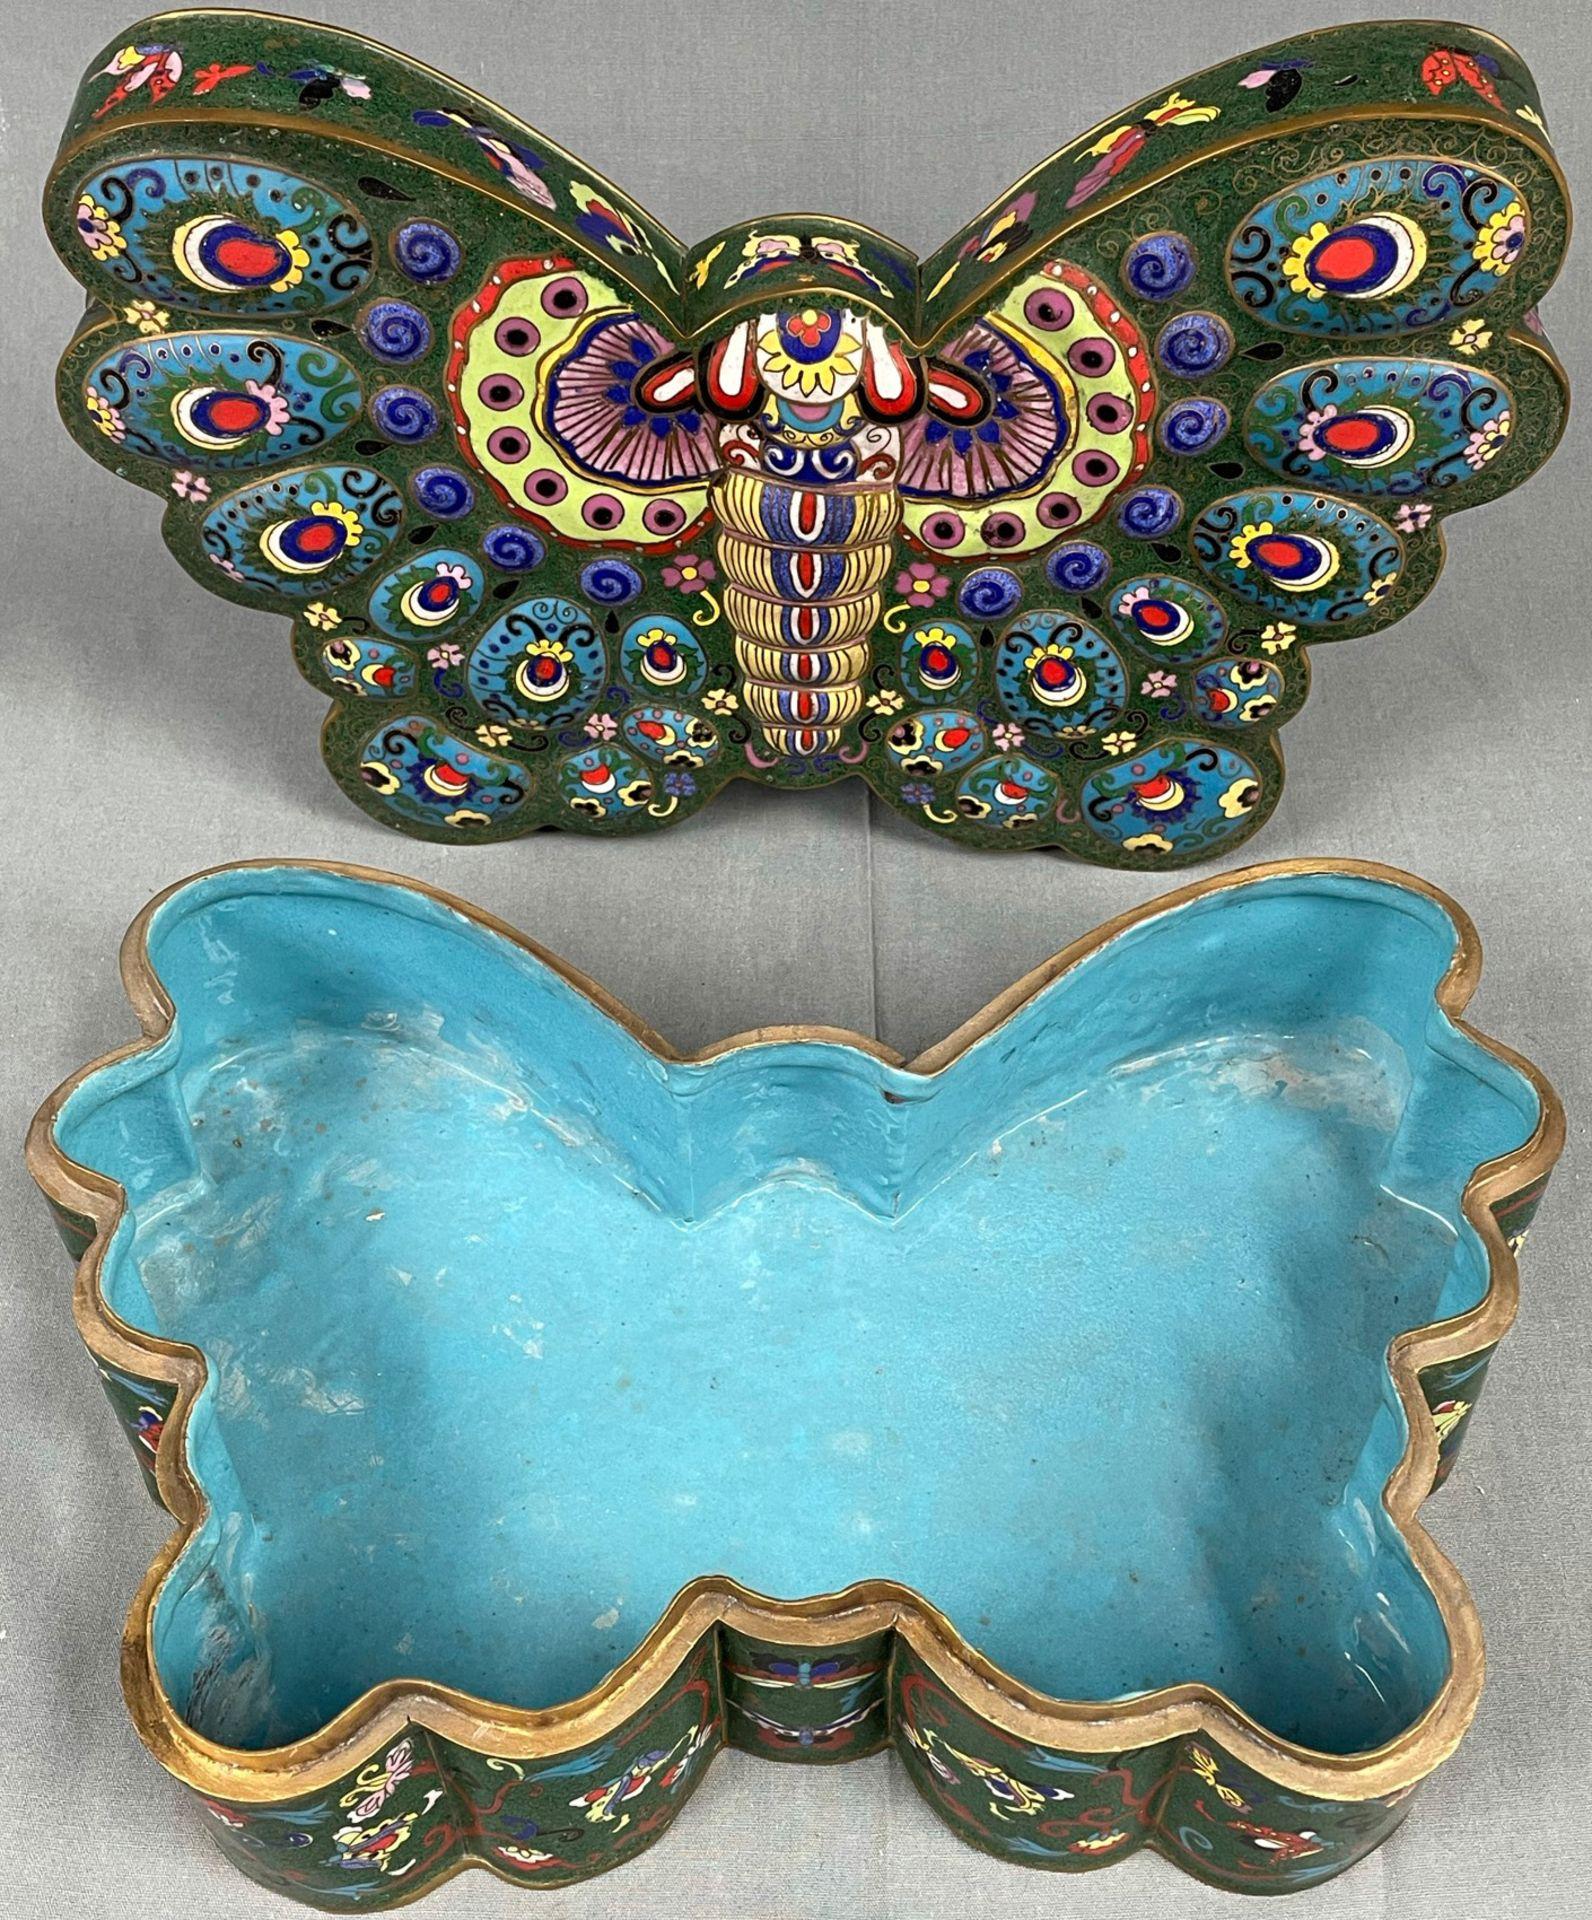 Cloisonné Papillon Schatulle mit Deckel. - Image 6 of 12